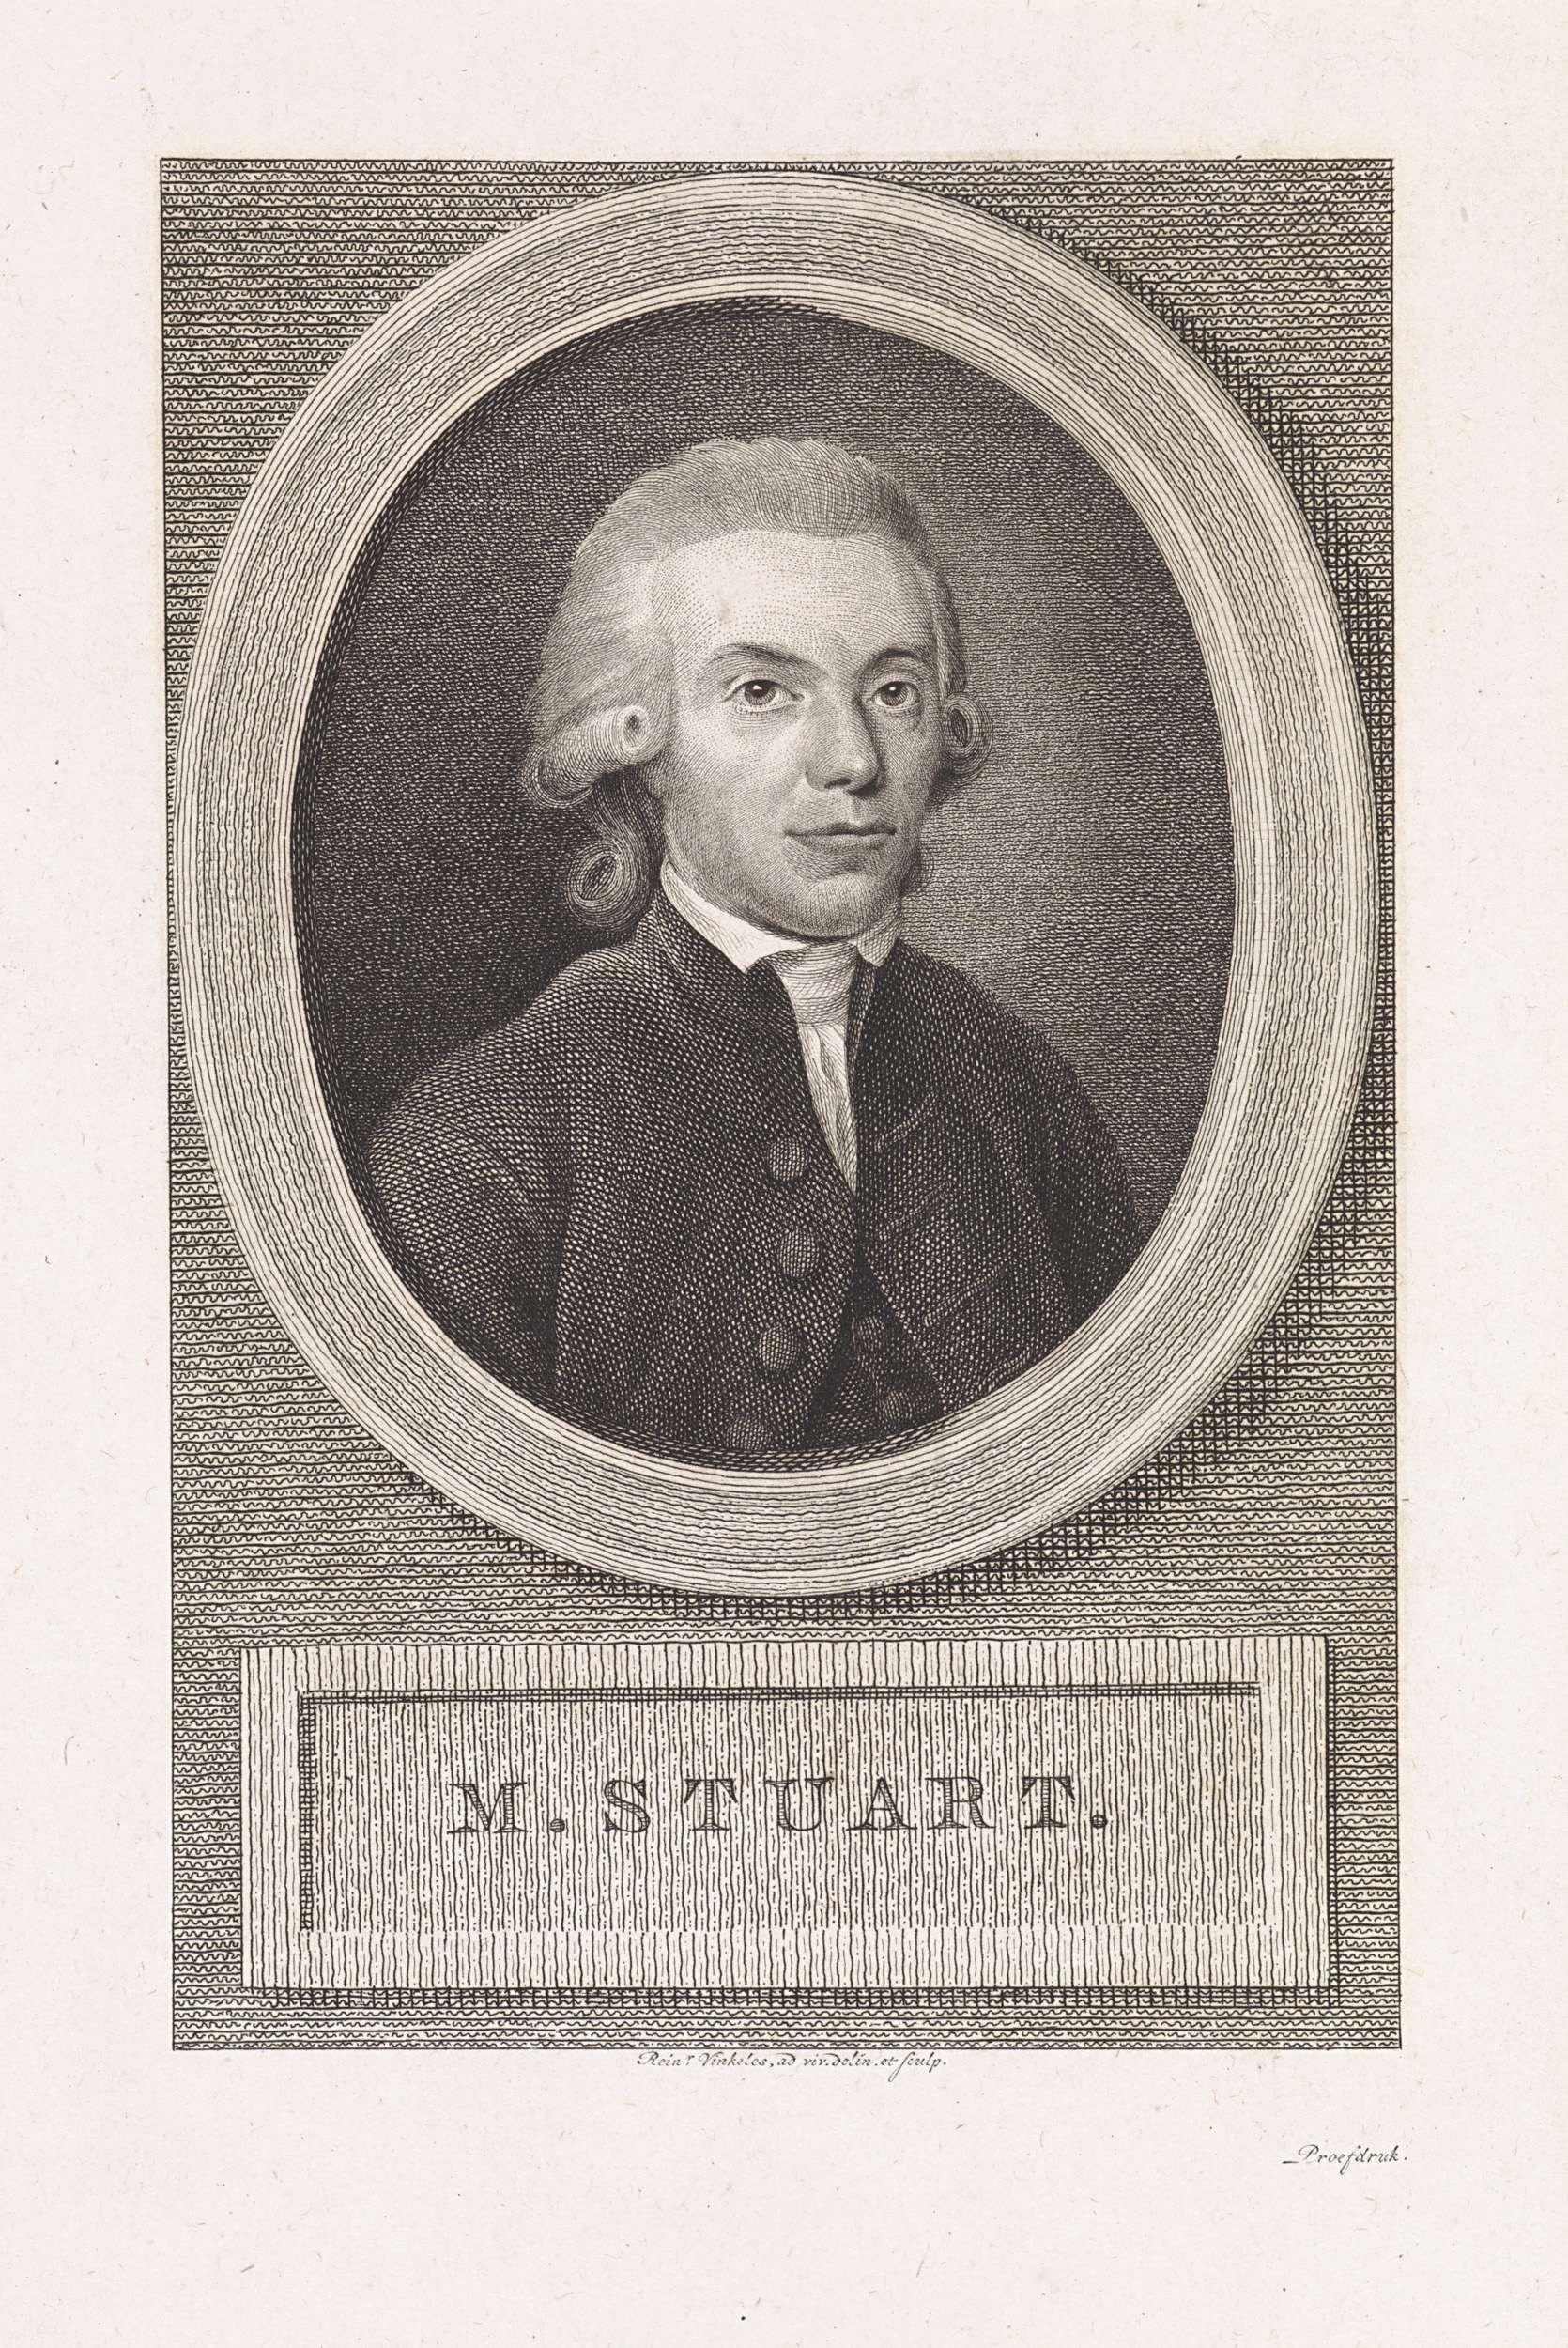 Reinier Vinkeles | Portret van Martinus Stuart, Reinier Vinkeles, 1793 - 1816 | Portret van Martinus Stuart, predikant en schrijver te Amsterdam.